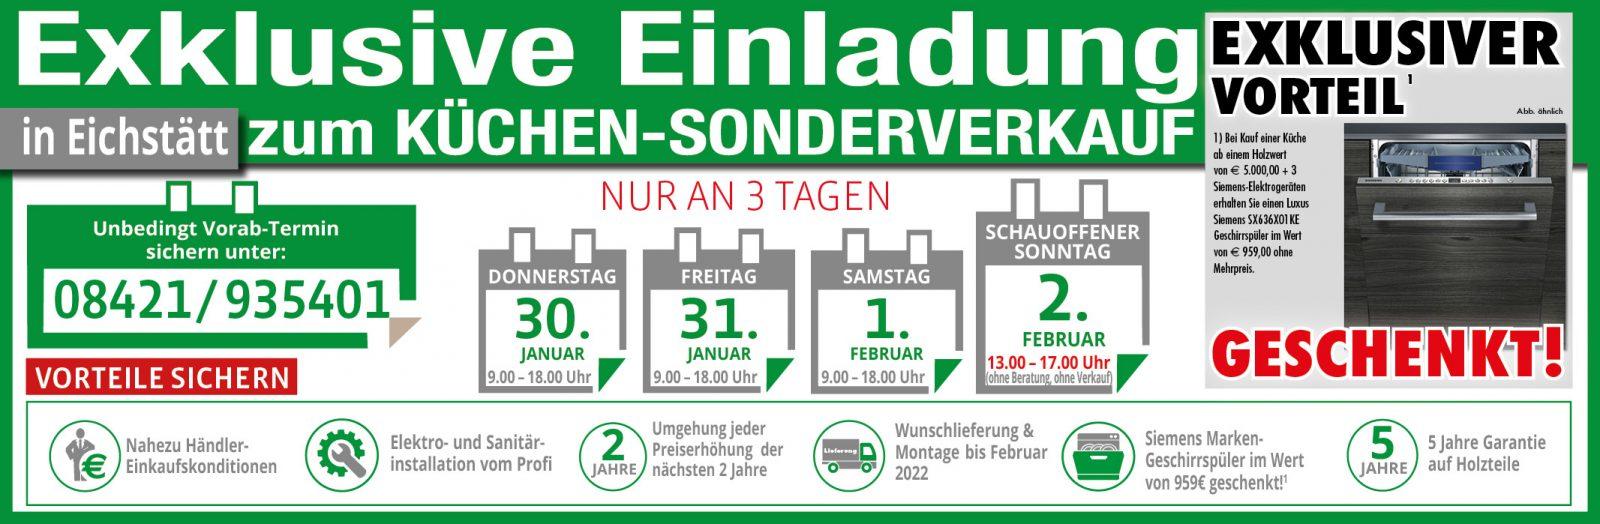 3 Tage Küchen-Sonderverkauf in Eichstätt!